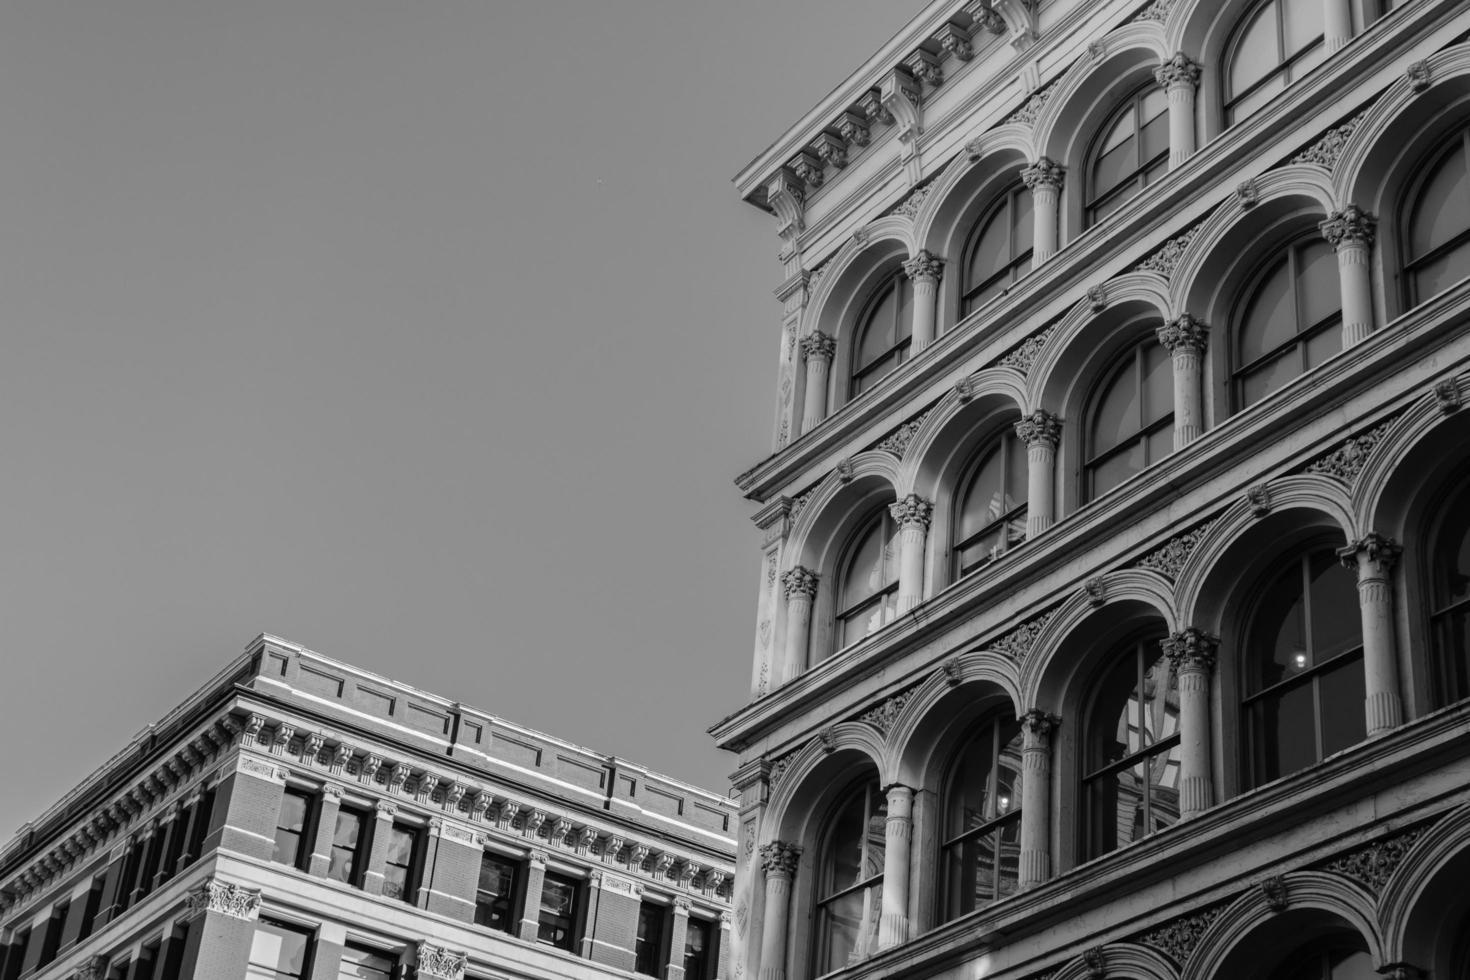 grijswaardenfotografie van betonnen gebouwen foto